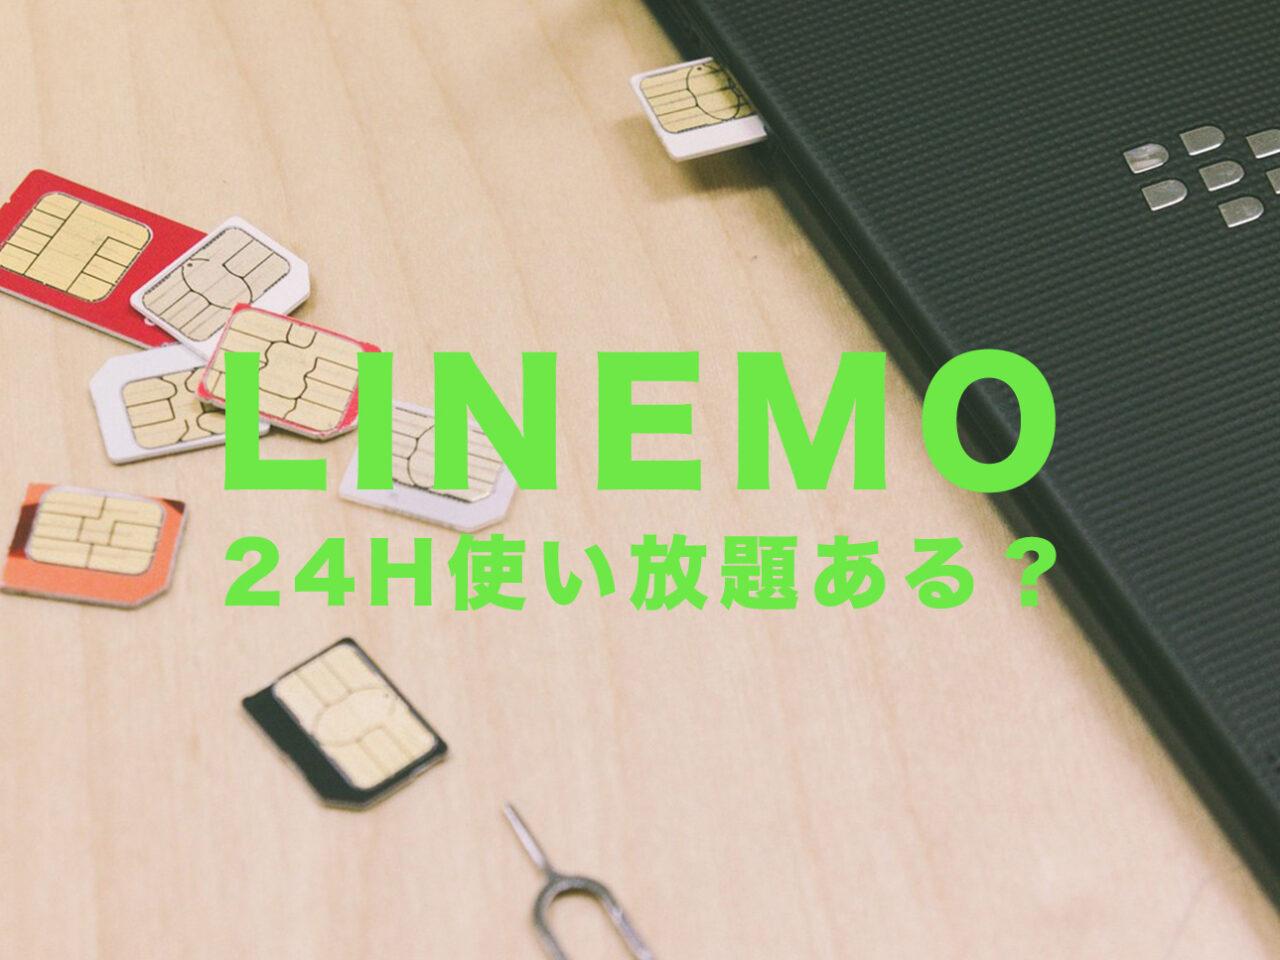 ラインモ(LINEMO)で24時間データ使い放題オプションはある?のサムネイル画像